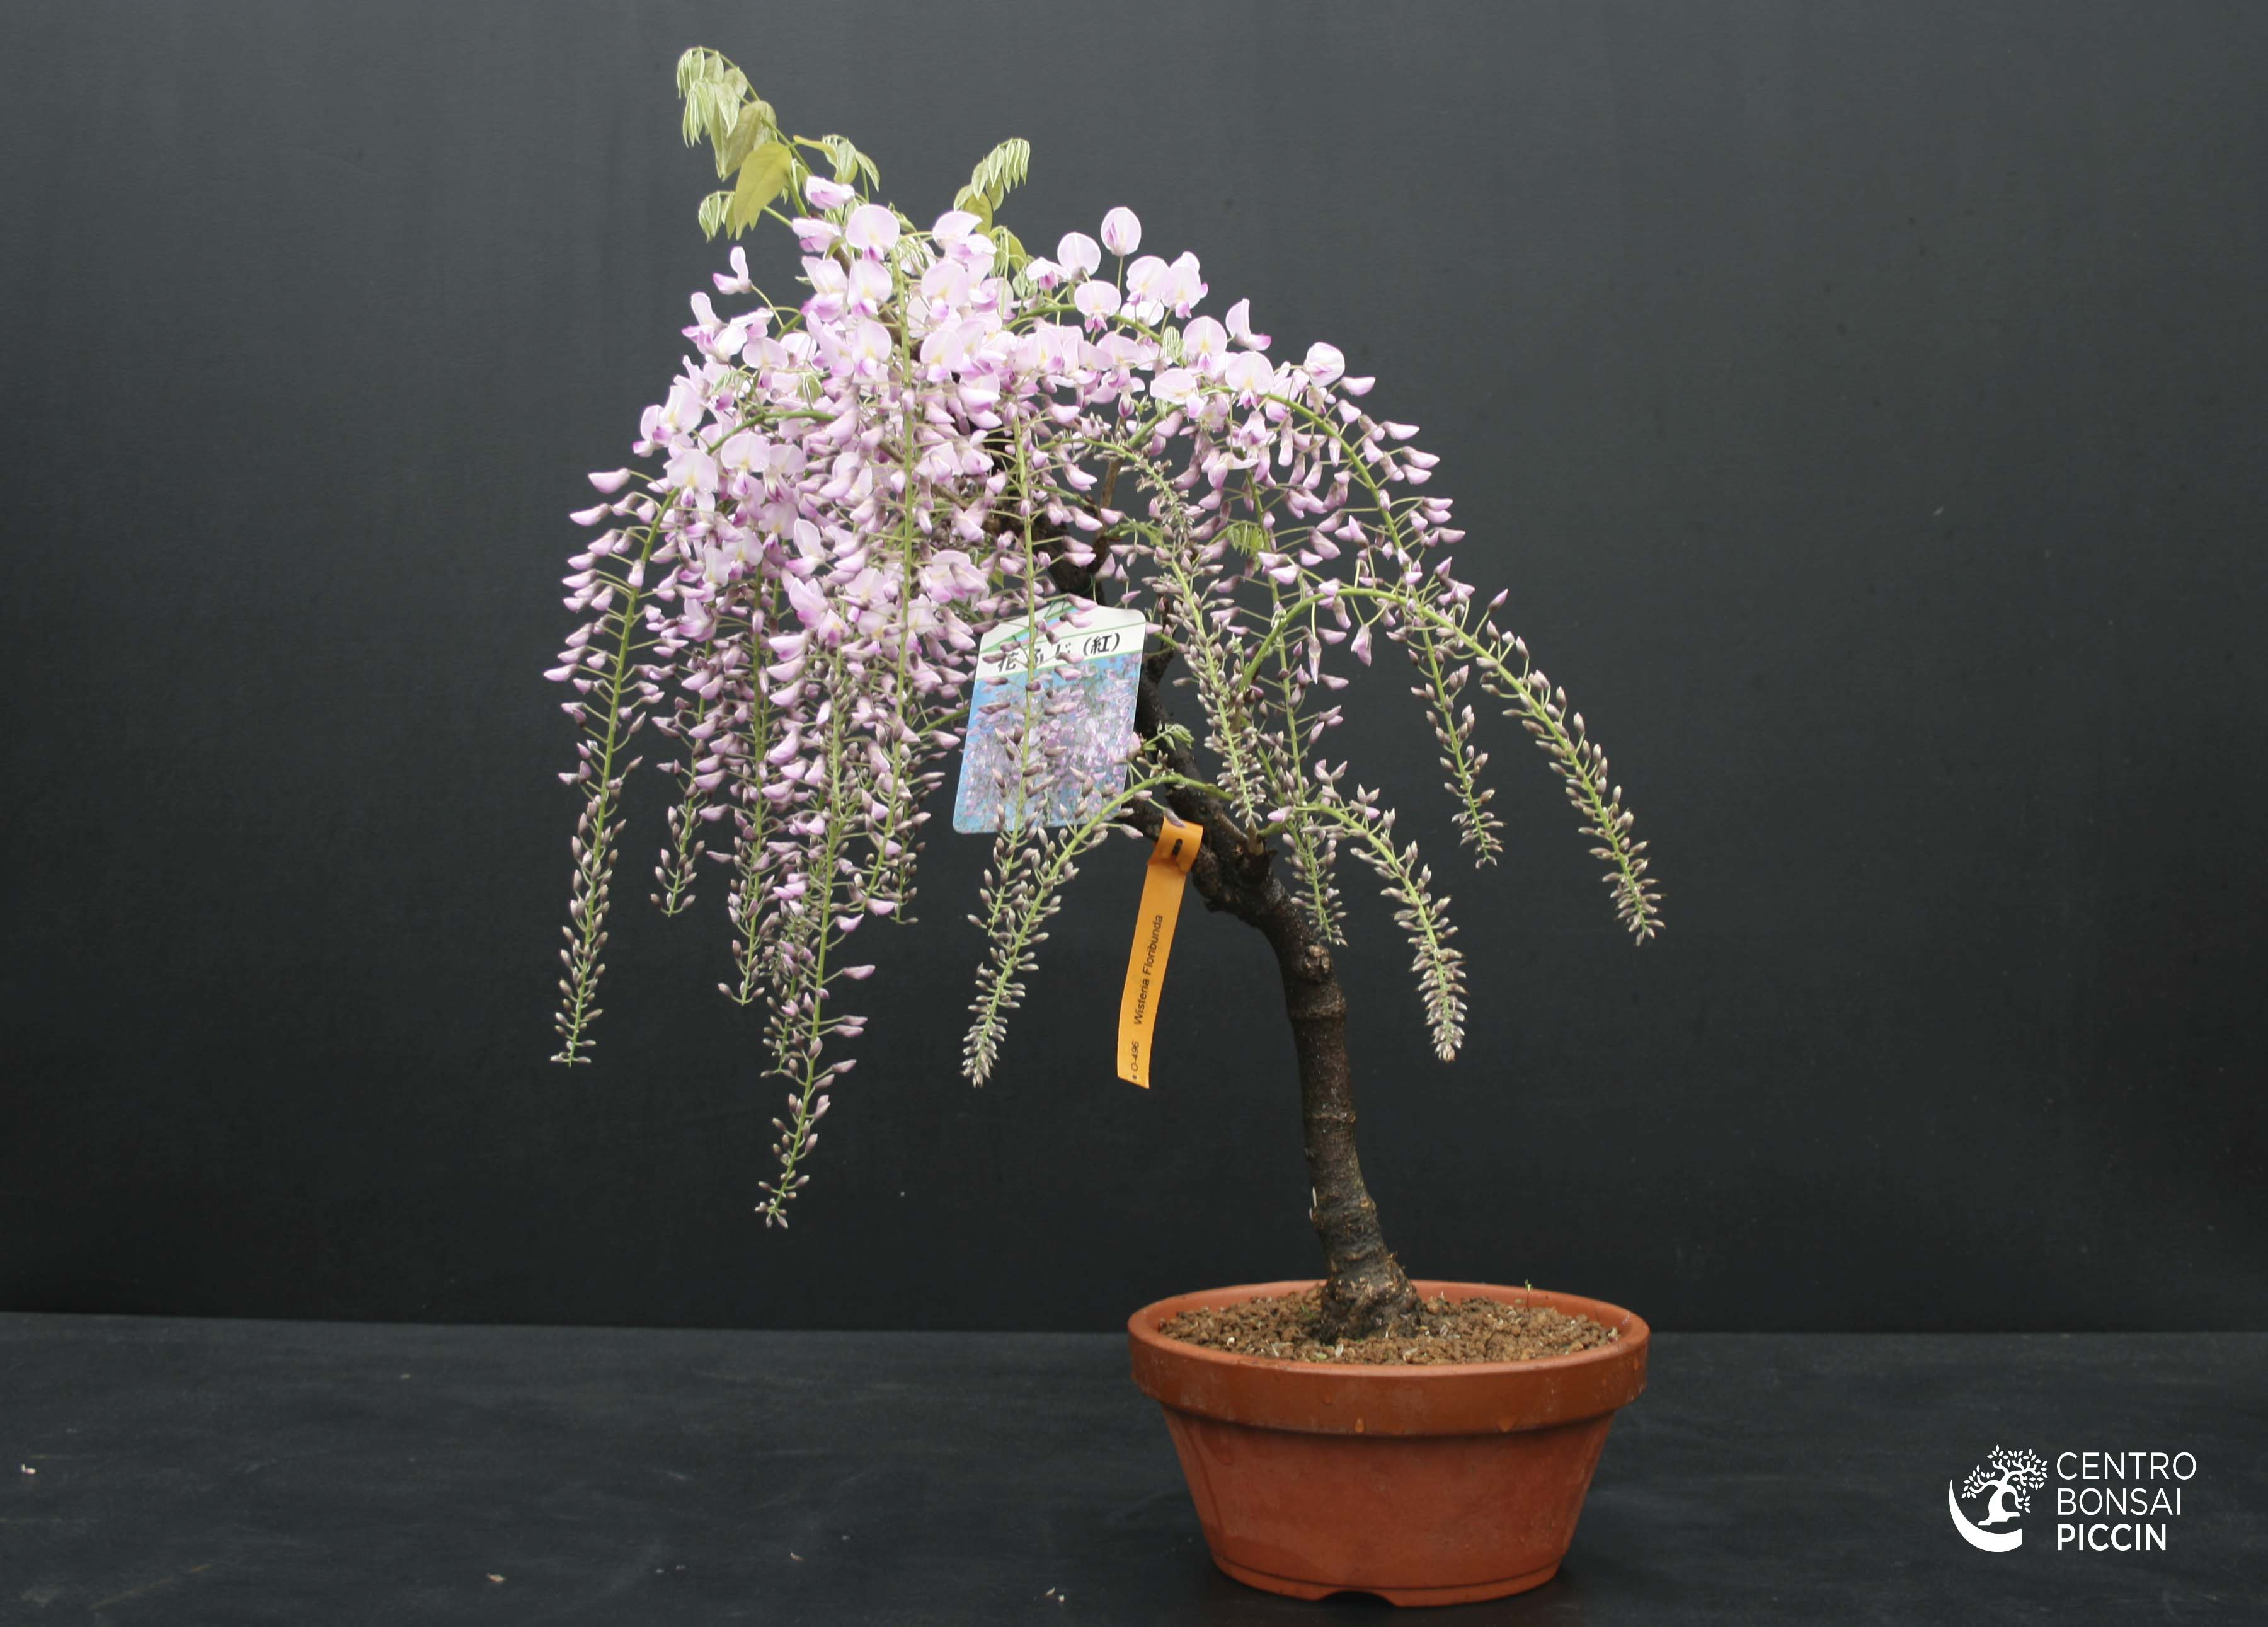 Bonsai glicine wisteria floribunda bonsai piccin for Glicine bonsai prezzo